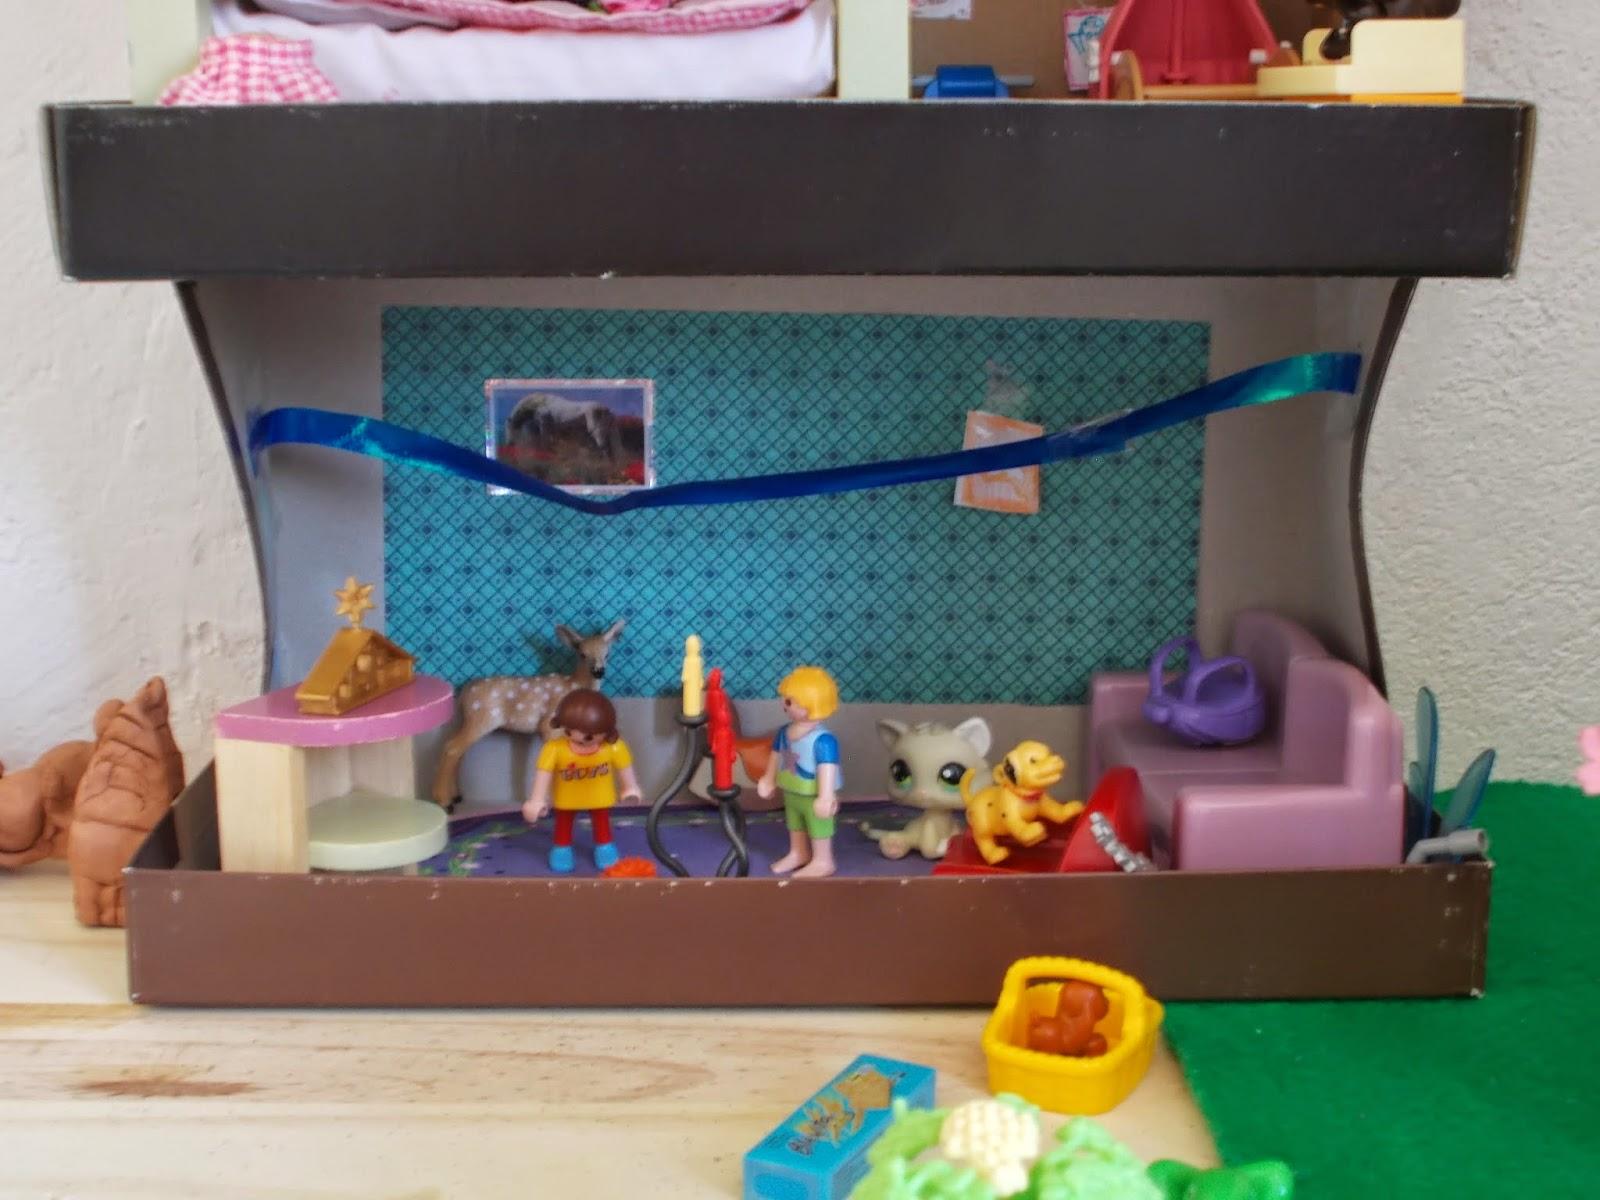 framboise et papyrus une maison de poup e en cartons. Black Bedroom Furniture Sets. Home Design Ideas